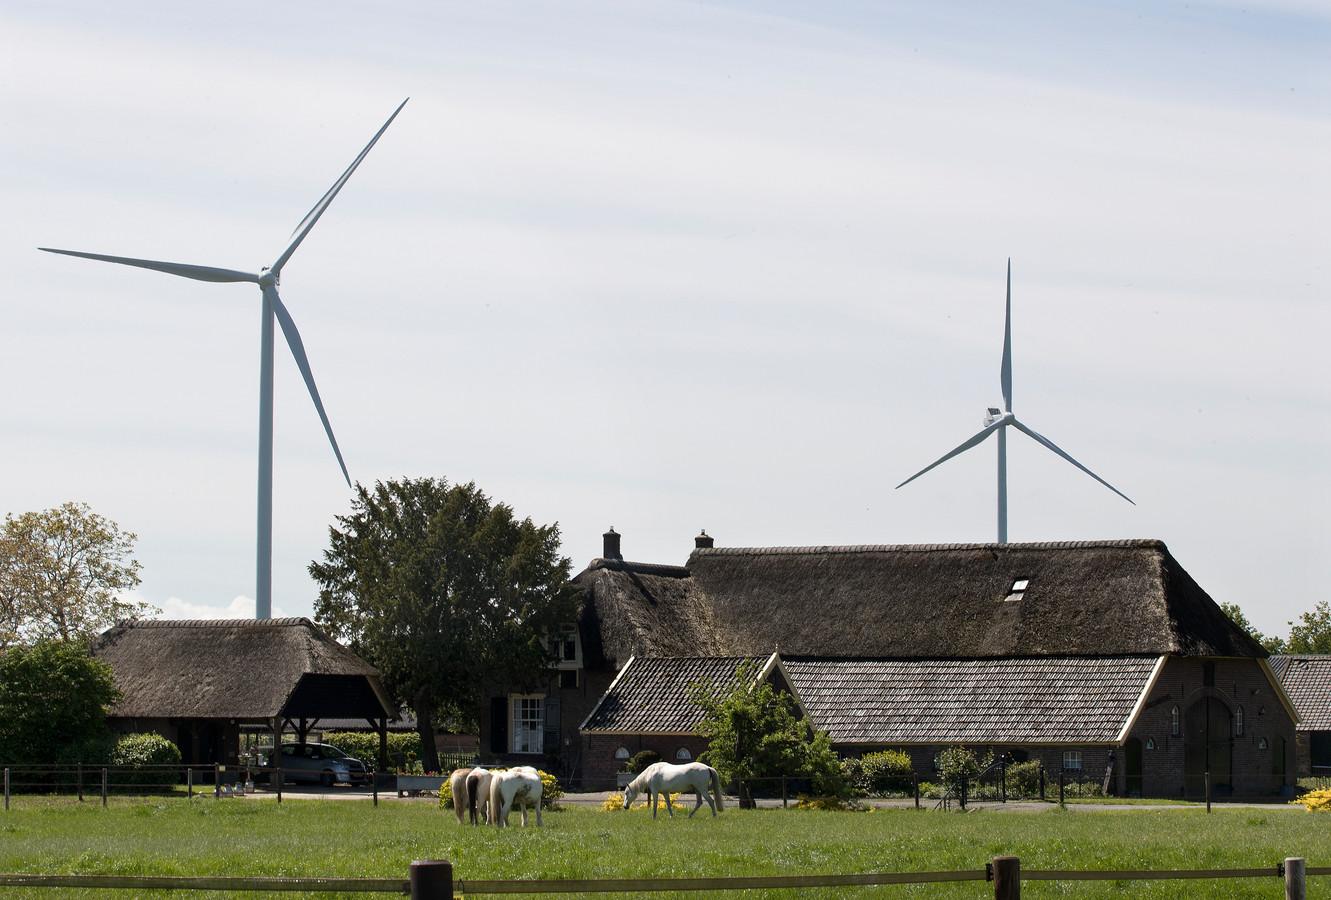 Archiefbeeld van windmolens bij Doesburg, ongeveer 12 kilometer van Brummen verwijderd.